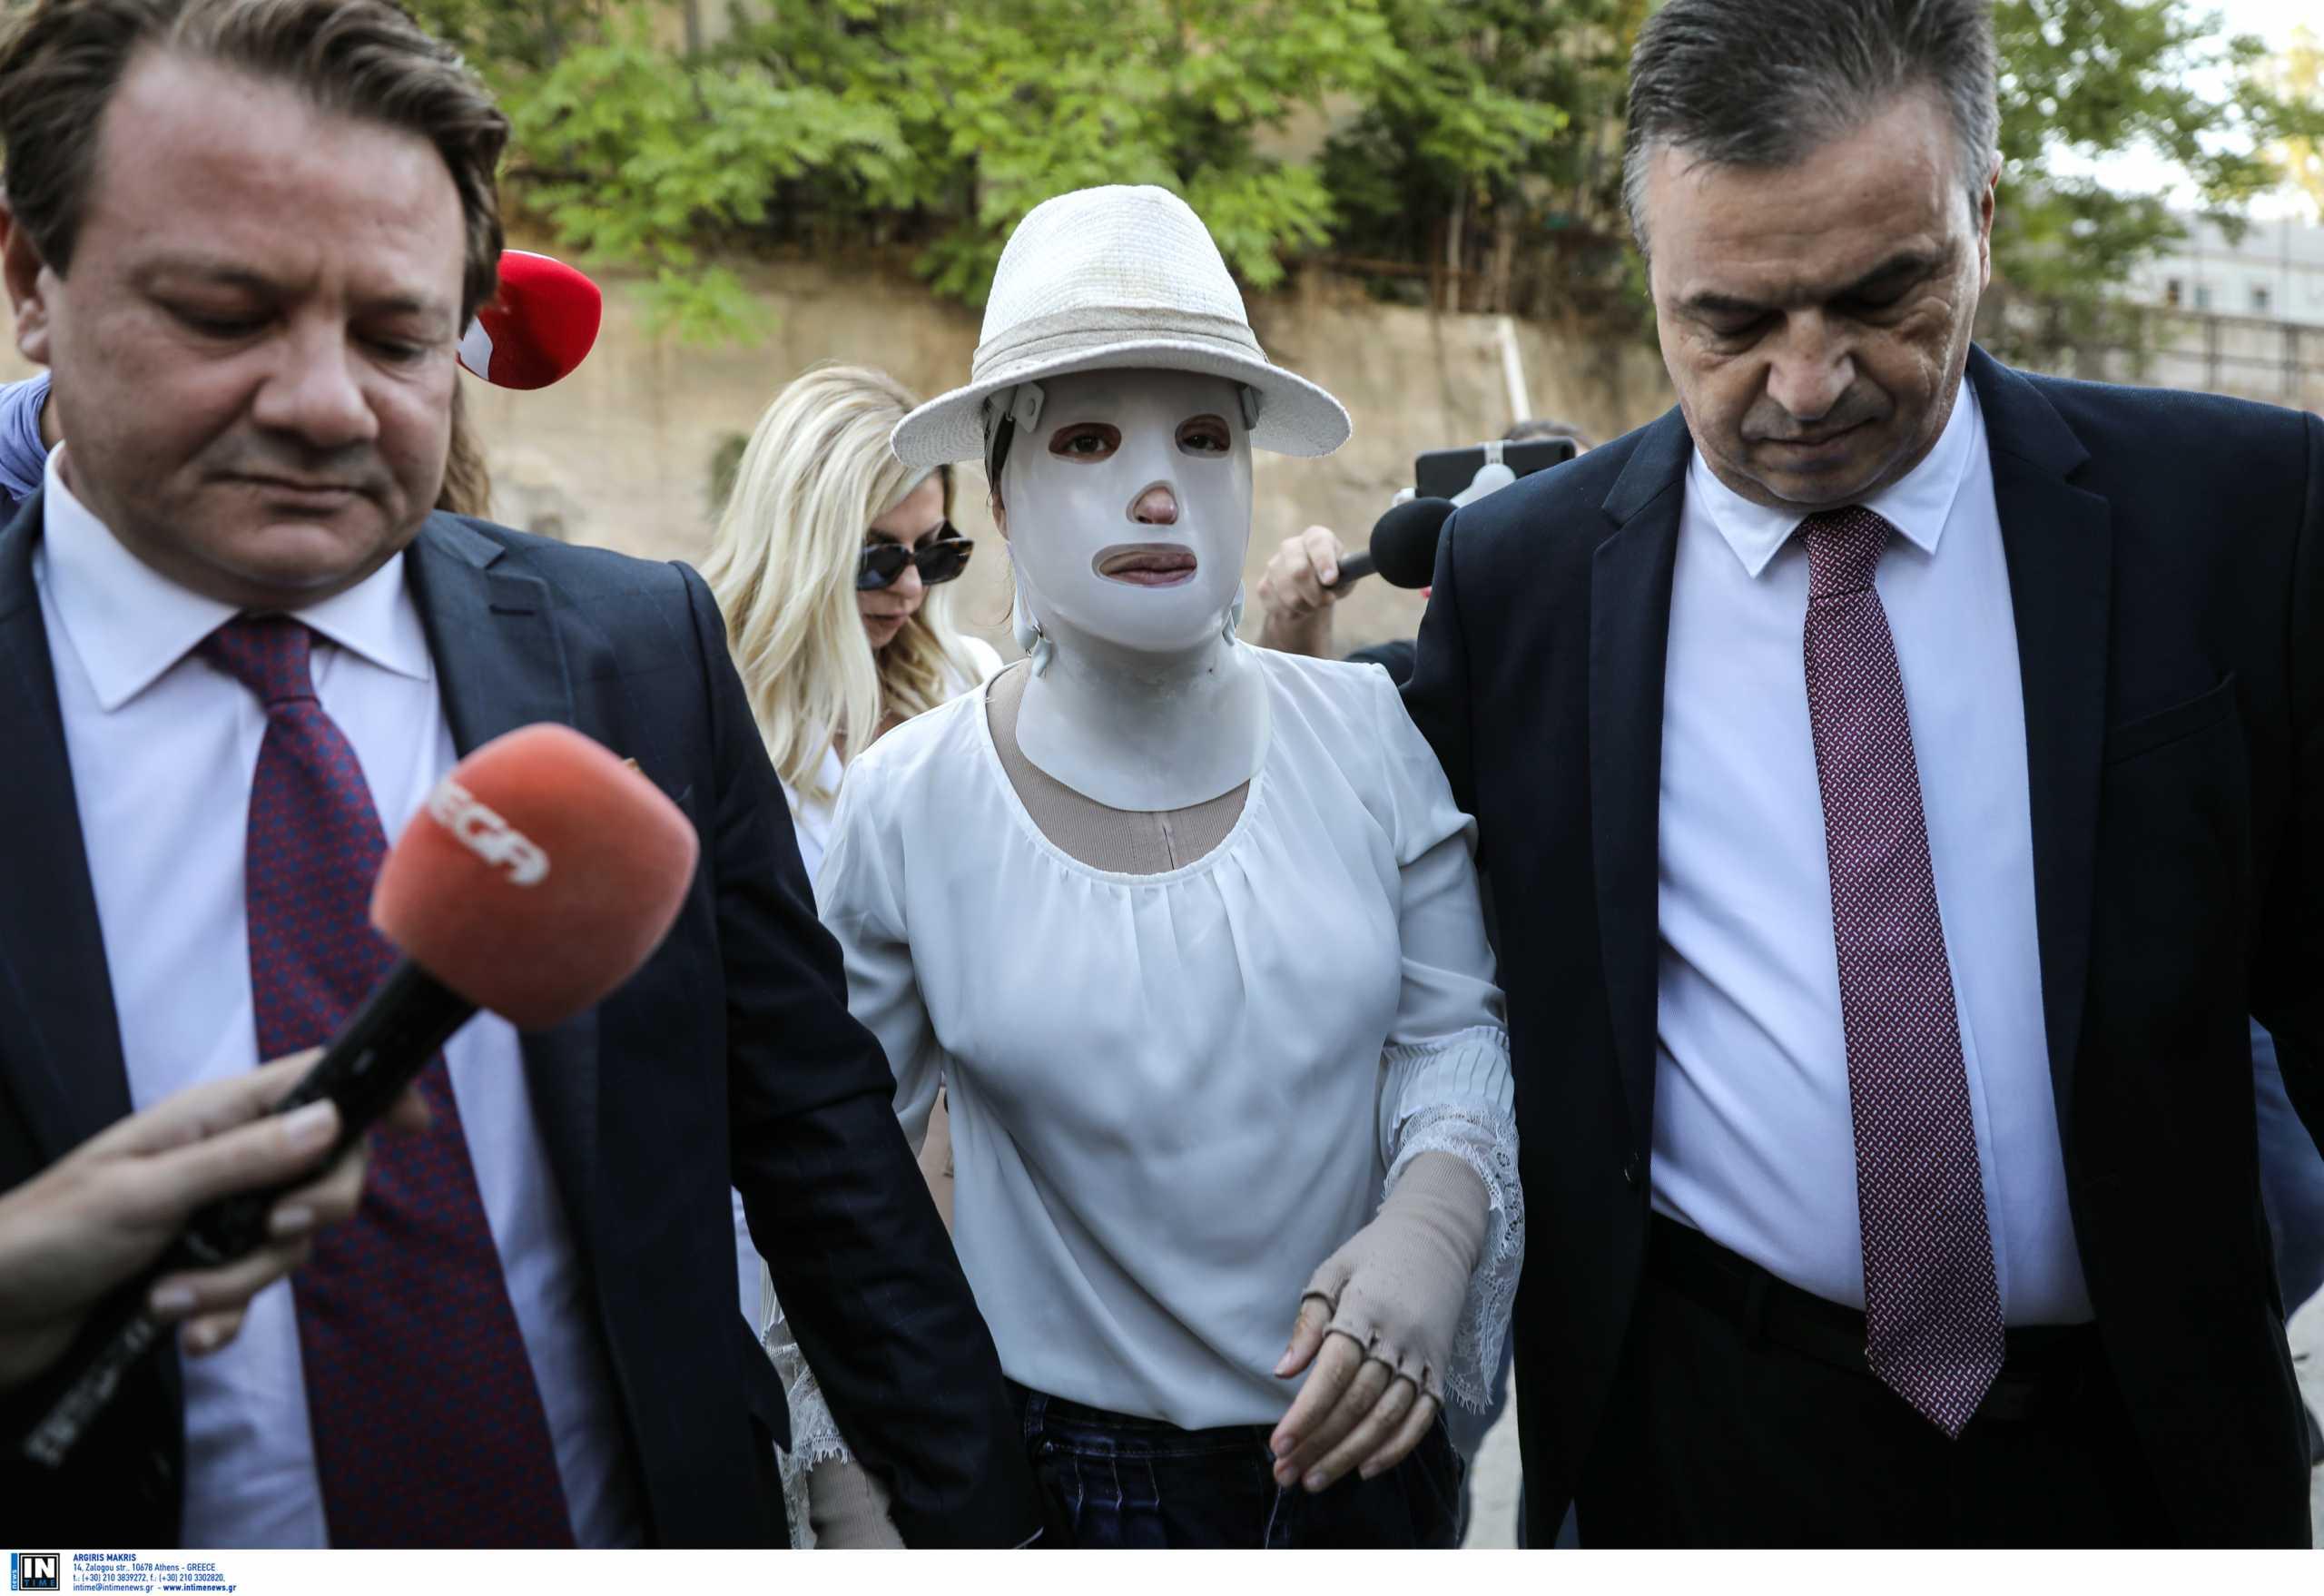 Επίθεση με βιτριόλι: Η εμφάνιση της Ιωάννας Παλιοσπύρου που πάγωσε όλη την Ελλάδα